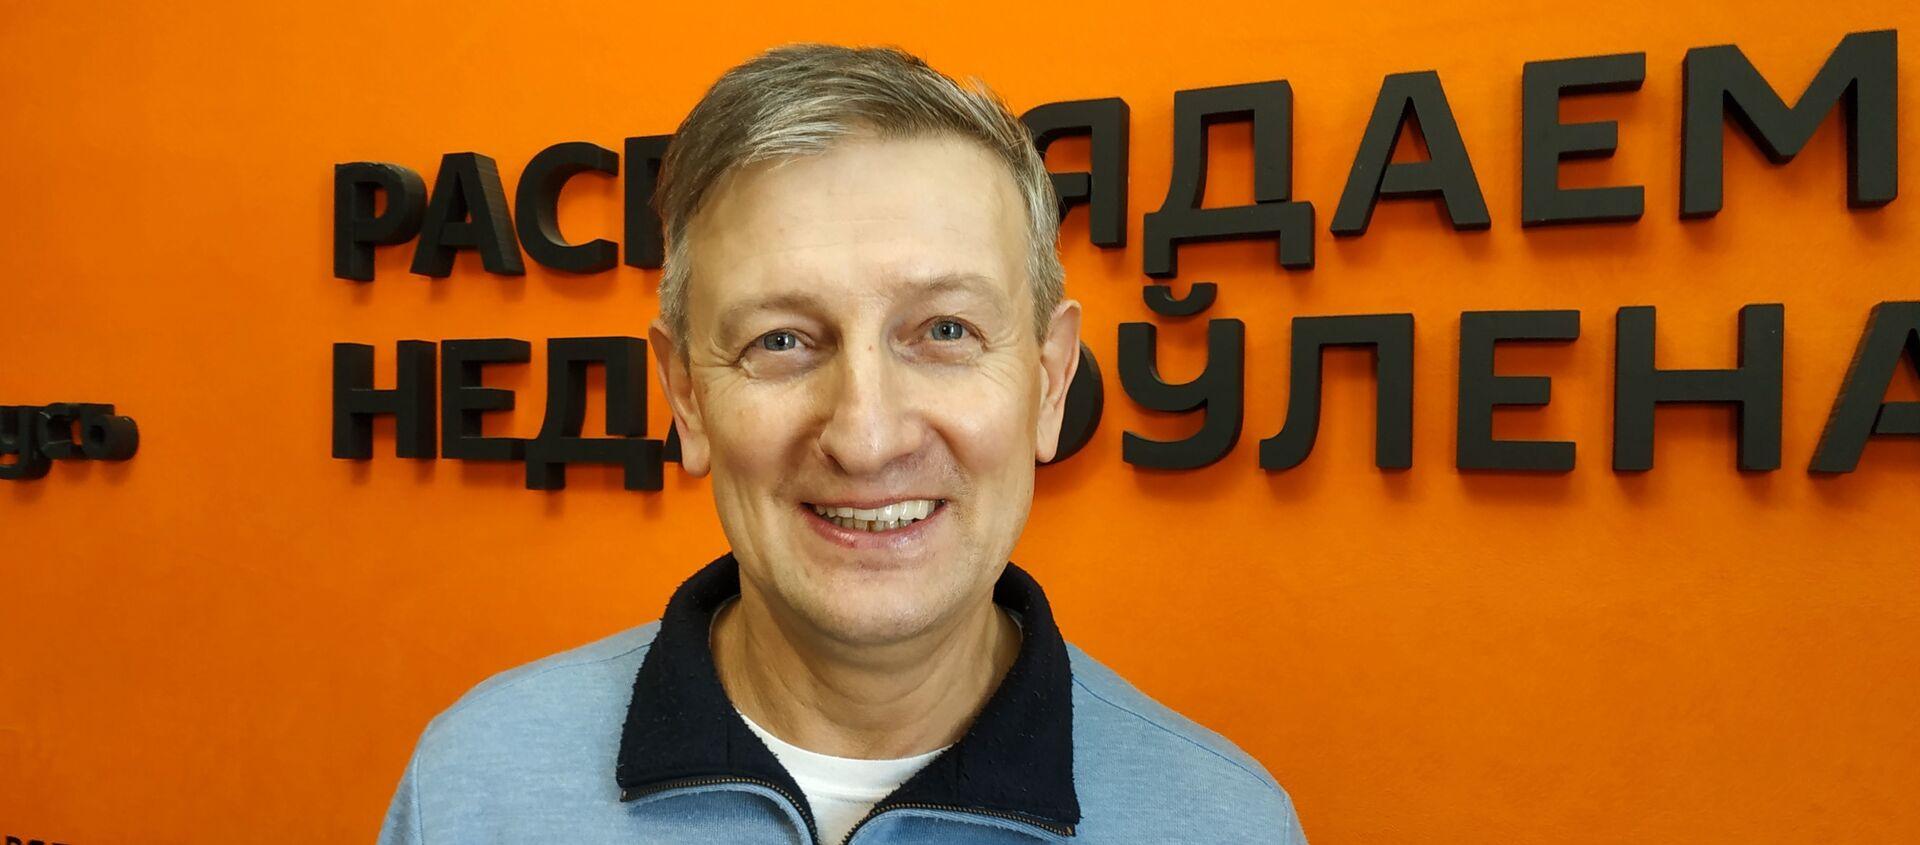 Романчук: отказ от доллара ― что будет с рублем в 2021 году и через 5 лет - Sputnik Беларусь, 1920, 30.04.2021